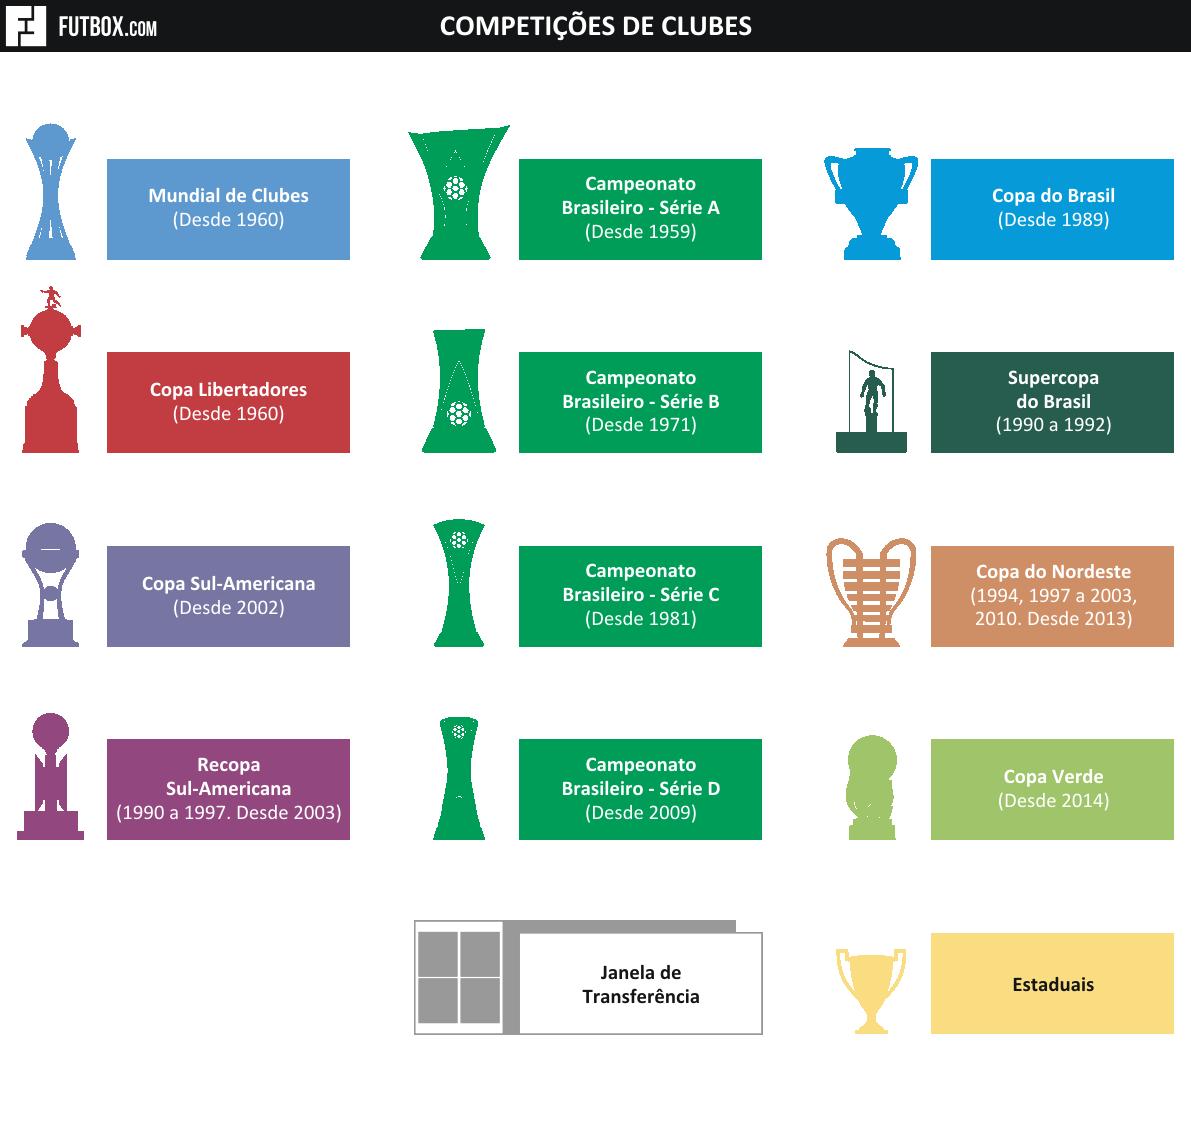 Troféus de Clubes